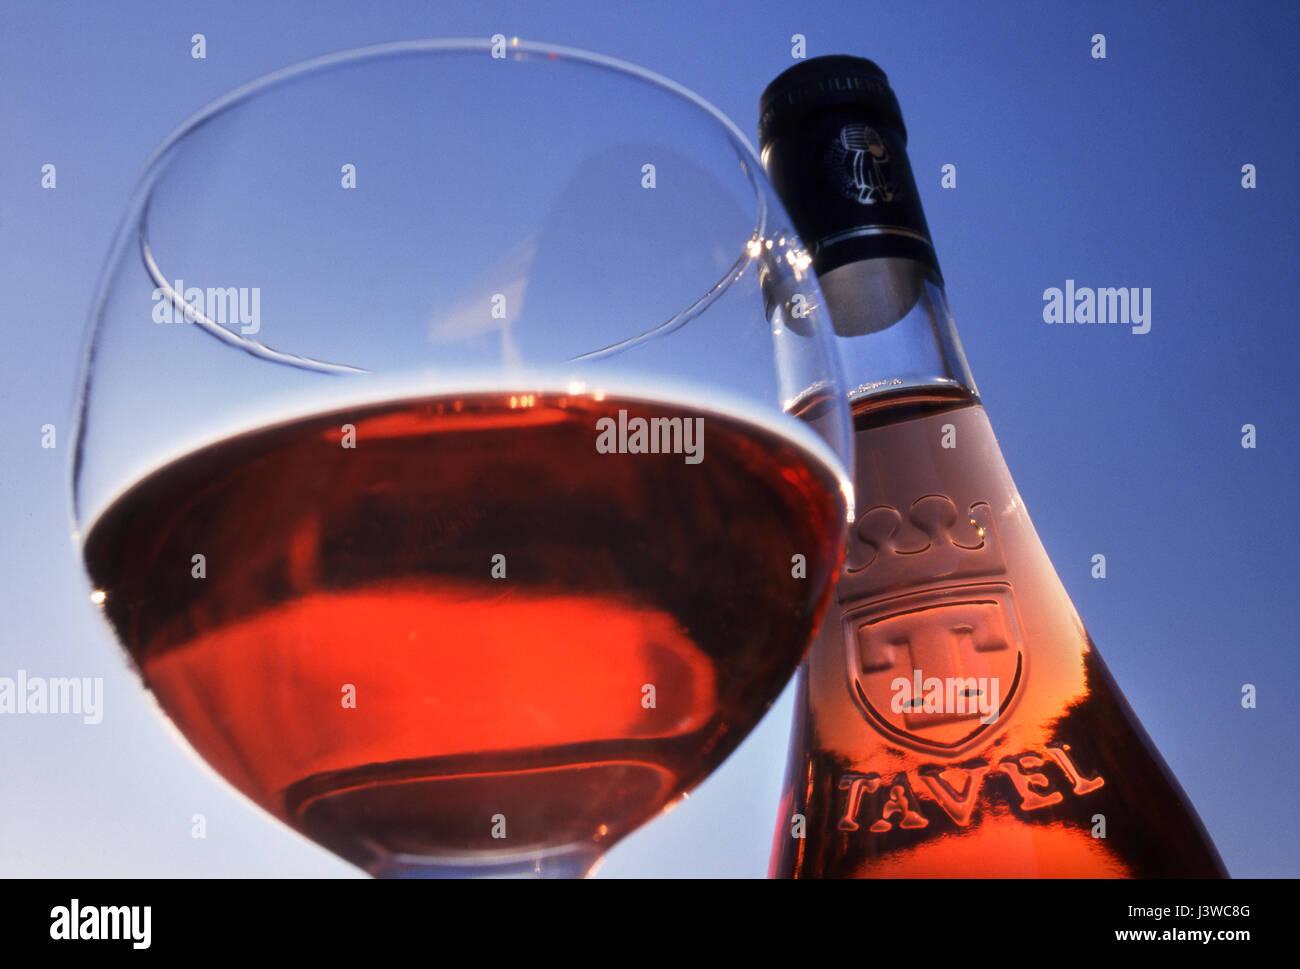 TAVEL ROSÉ bottiglia e bicchiere di Tavel rosé vino fuori alfresco contro puro blu cielo soleggiato Gard, Immagini Stock